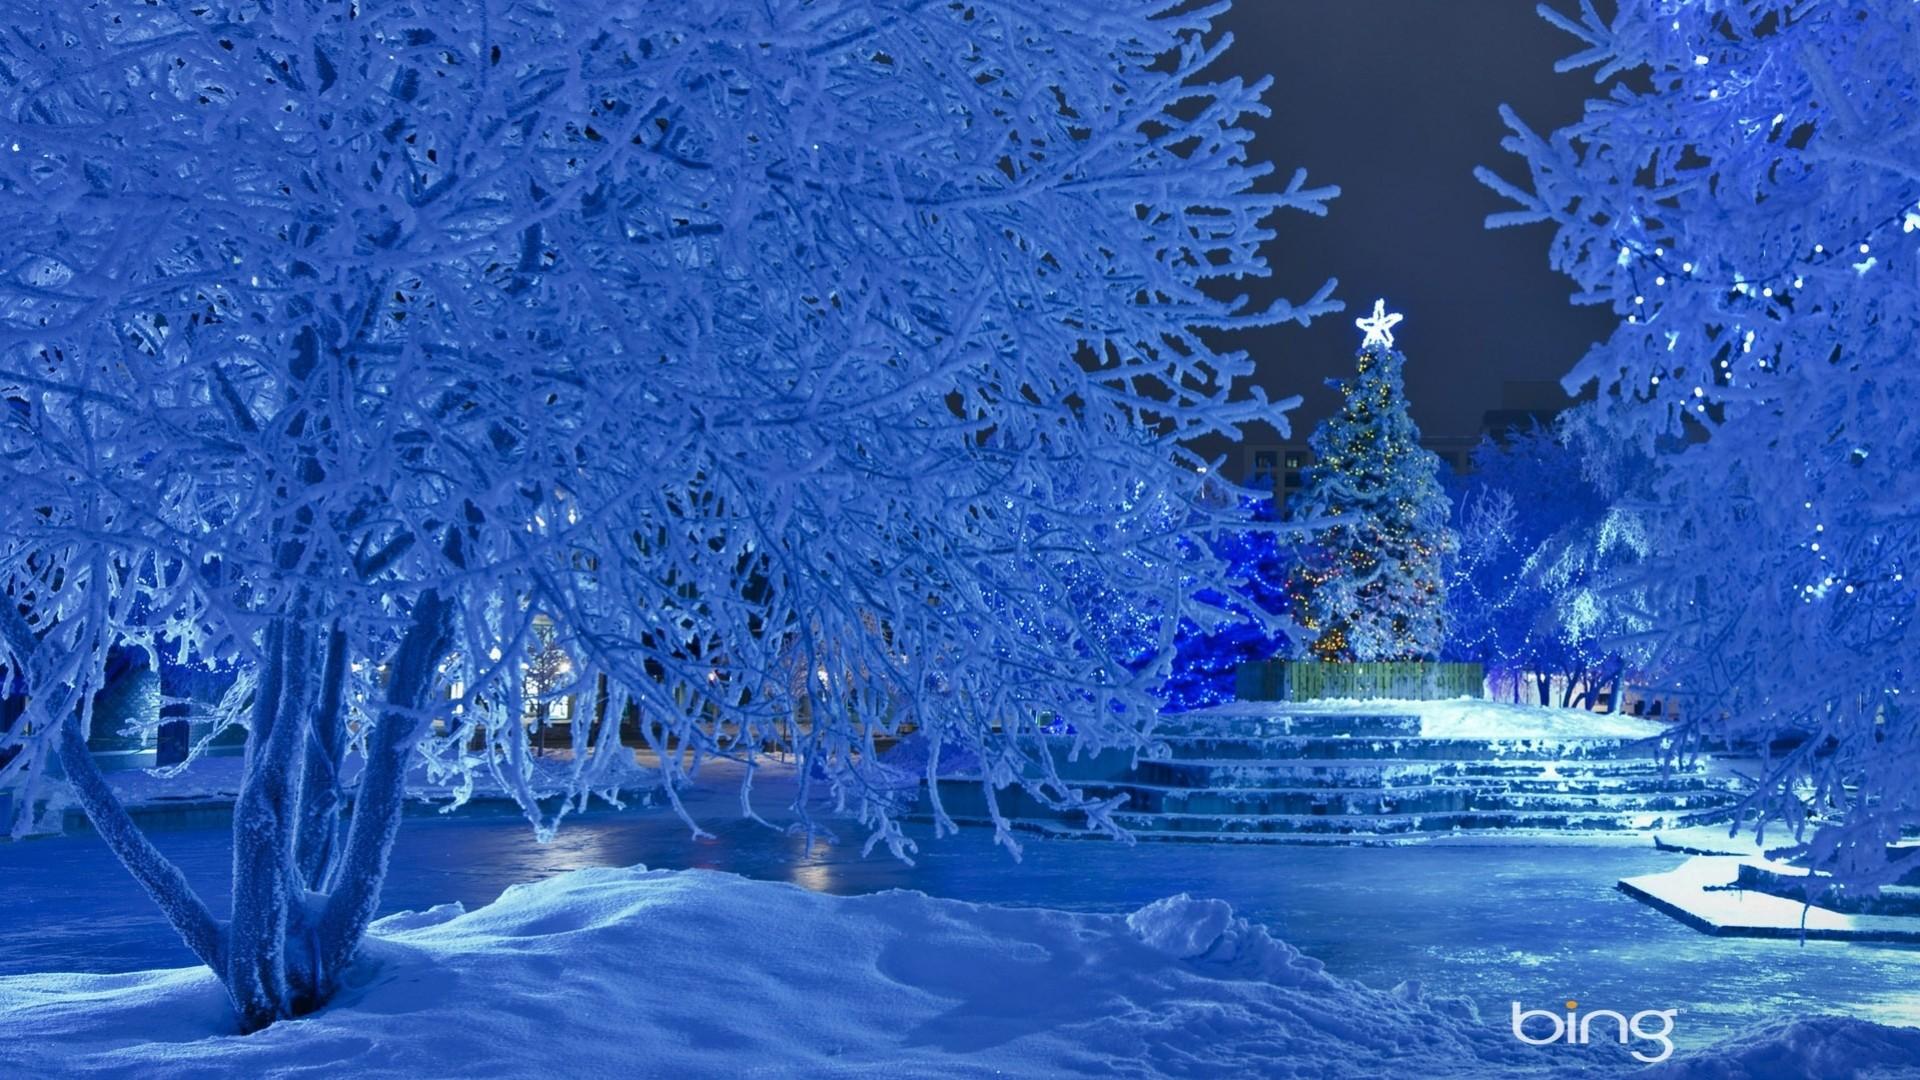 Картинки зима на рабочий стол хорошее качество анимация, анимация днем ангела